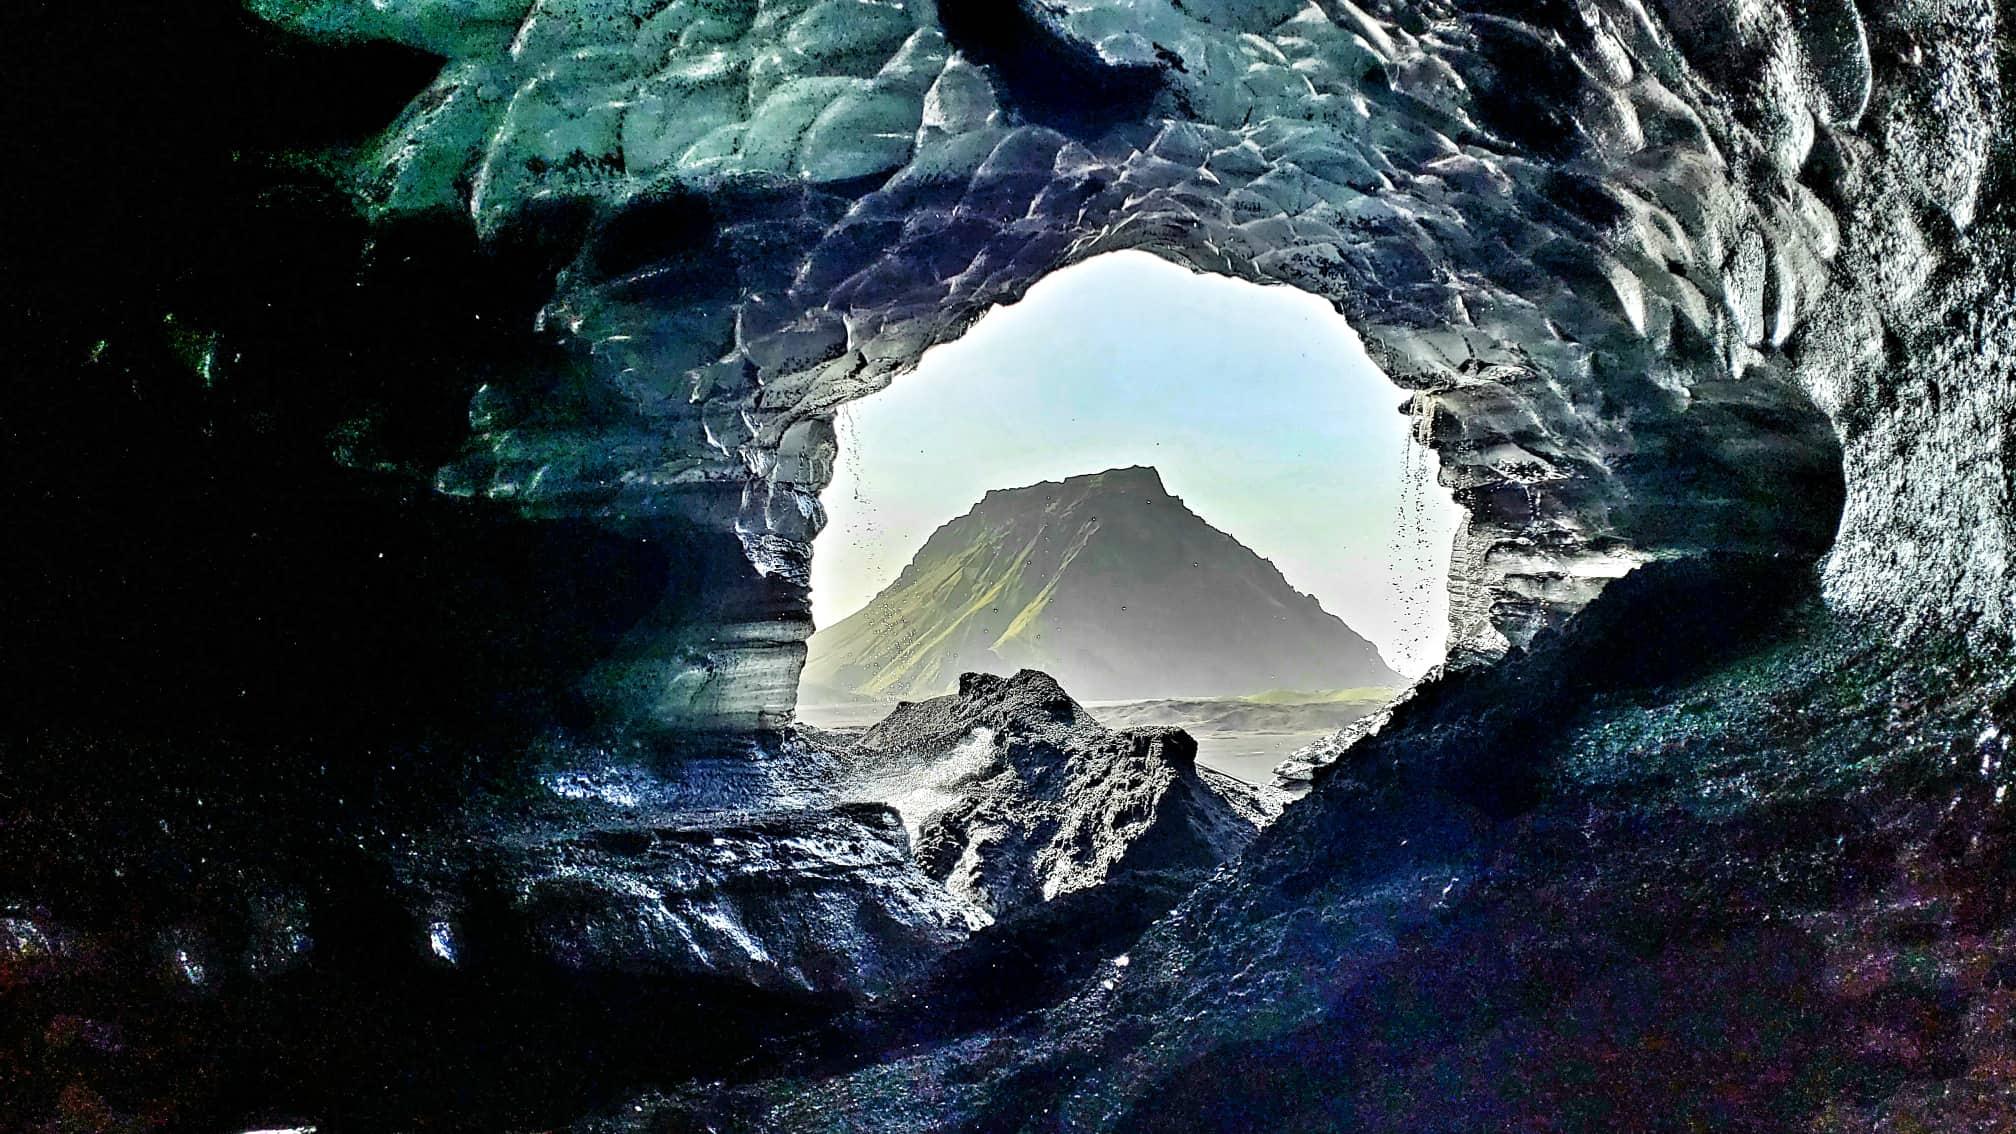 La cueva de hielo de Katla es una de las muchas cuevas de hielo que se forman naturalmente en los glaciares de Islandia.